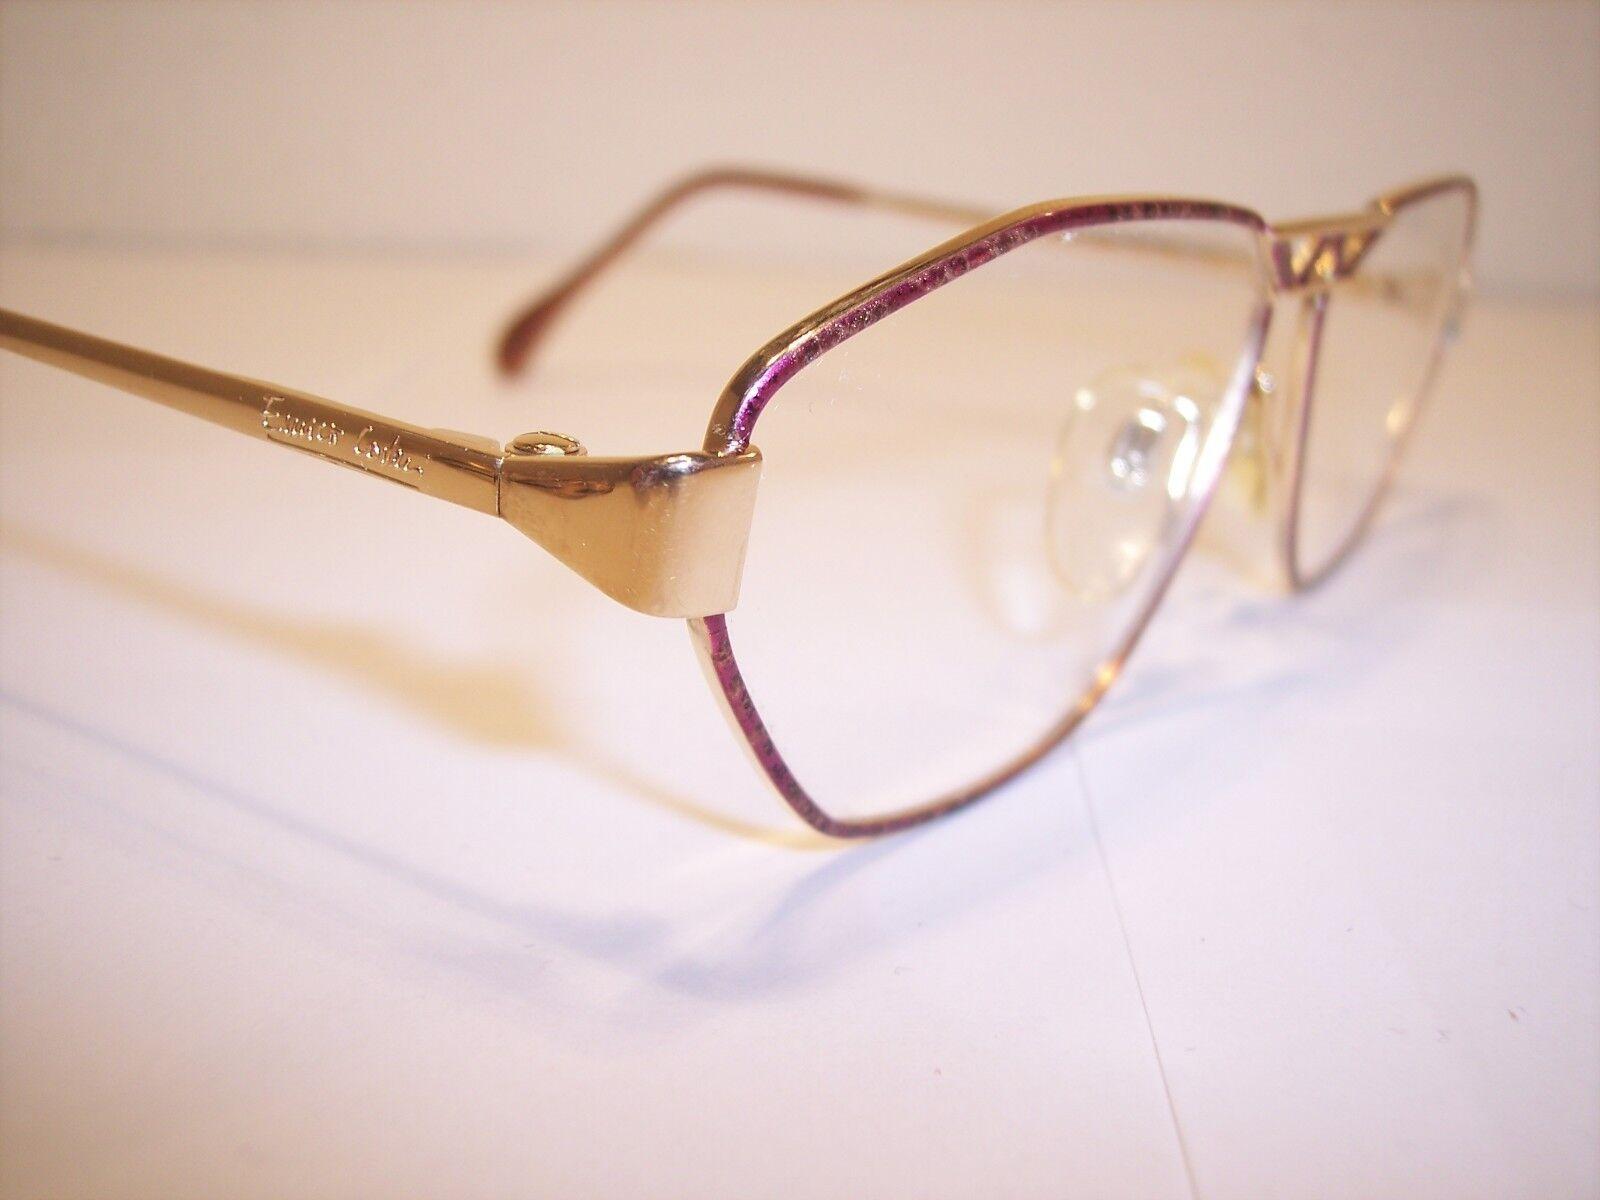 Damen-Brille Eyeglasses Lunettes by ENRICO COVERI 100%Vintage Original 90'er       Wunderbar    Vogue    Der Schatz des Kindes, unser Glück    Sonderaktionen zum Jahresende  6f8654